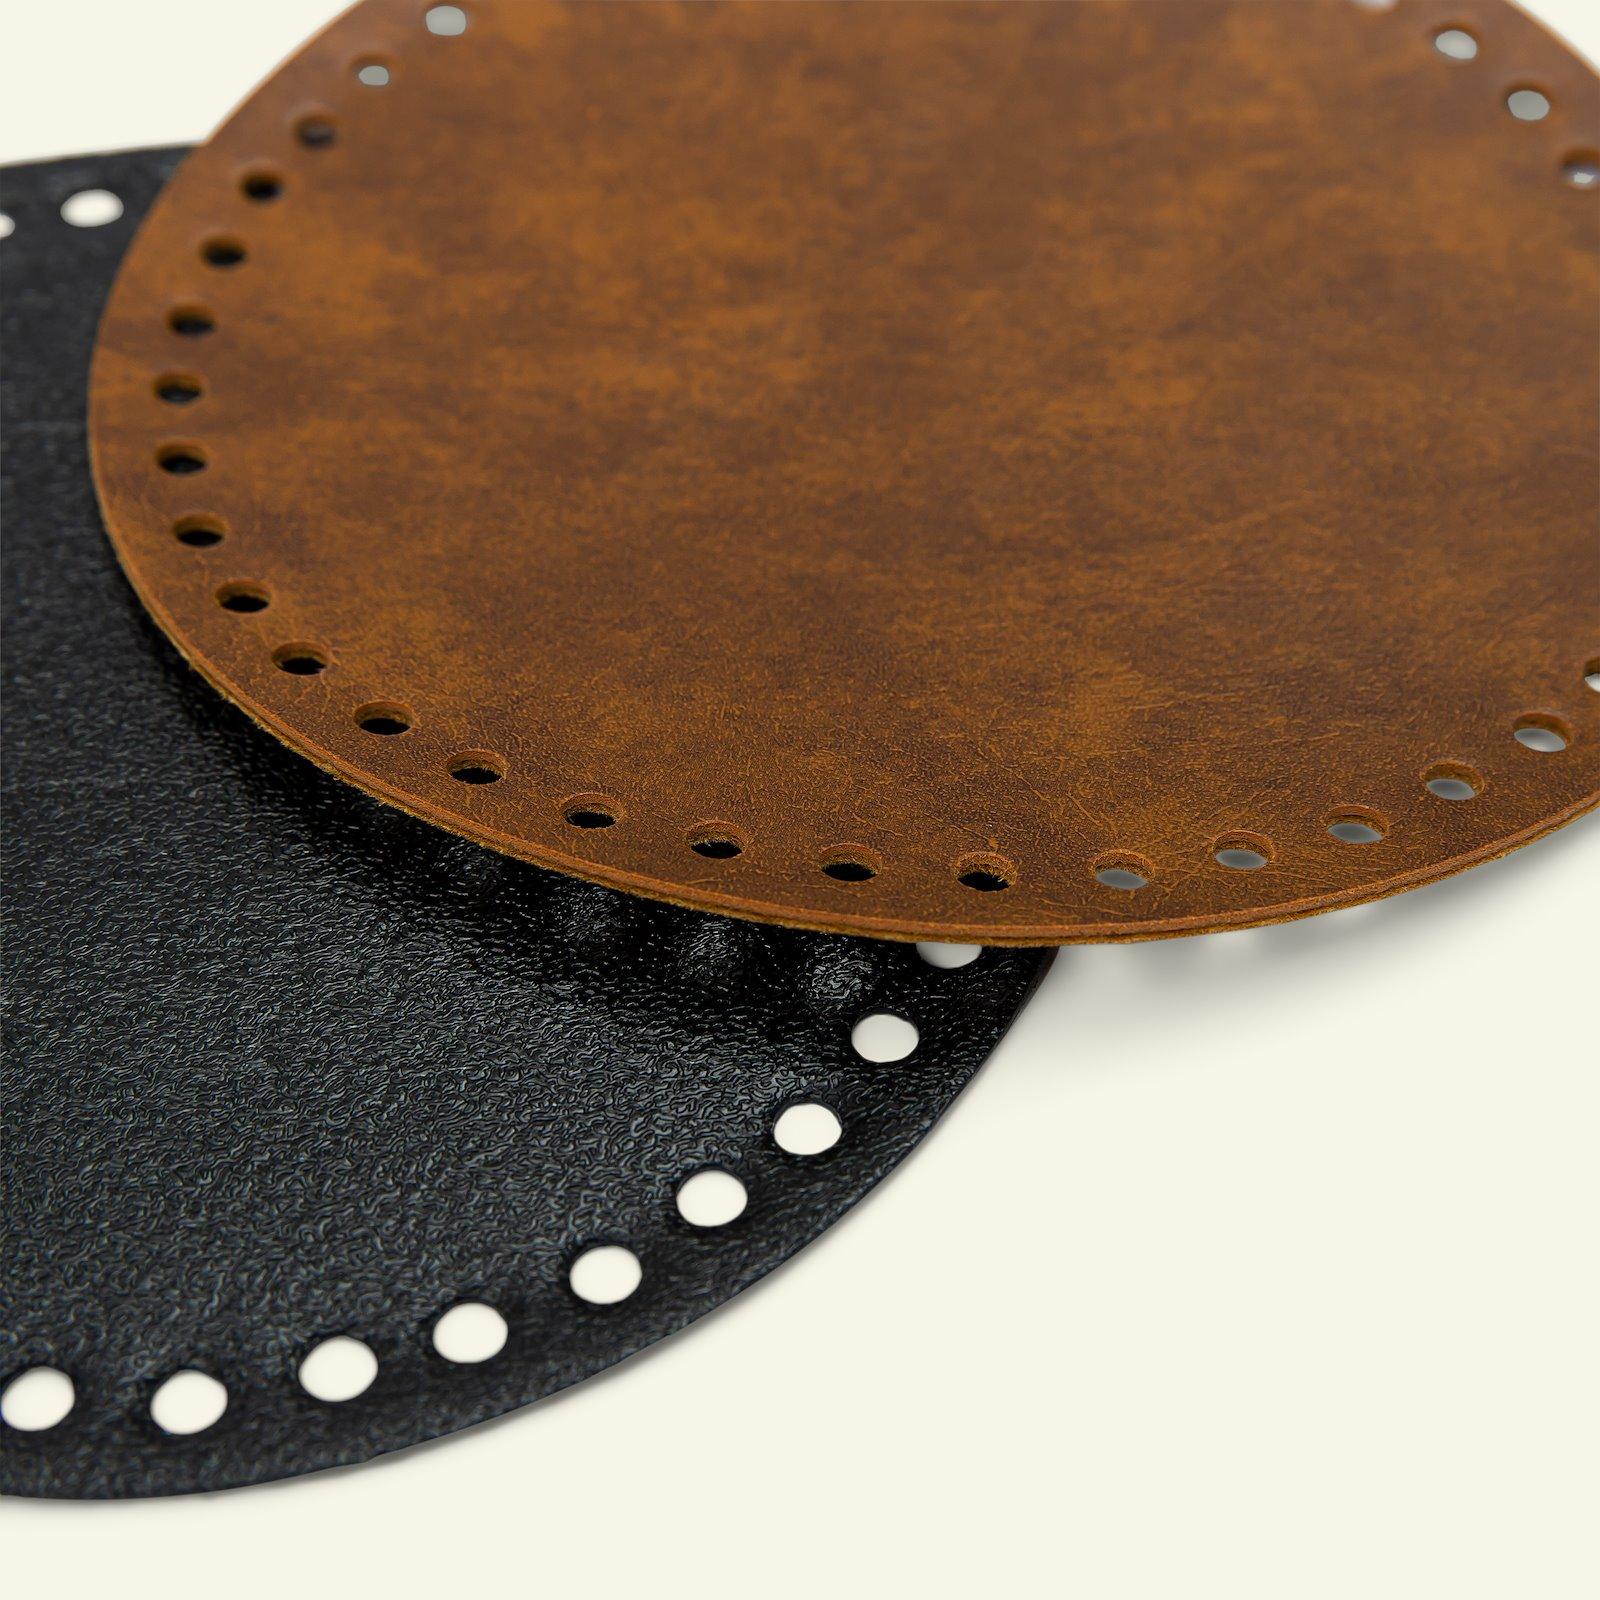 FRAYA Taschen-/Korbboden 20cm Braun, St. 83310_pack_b